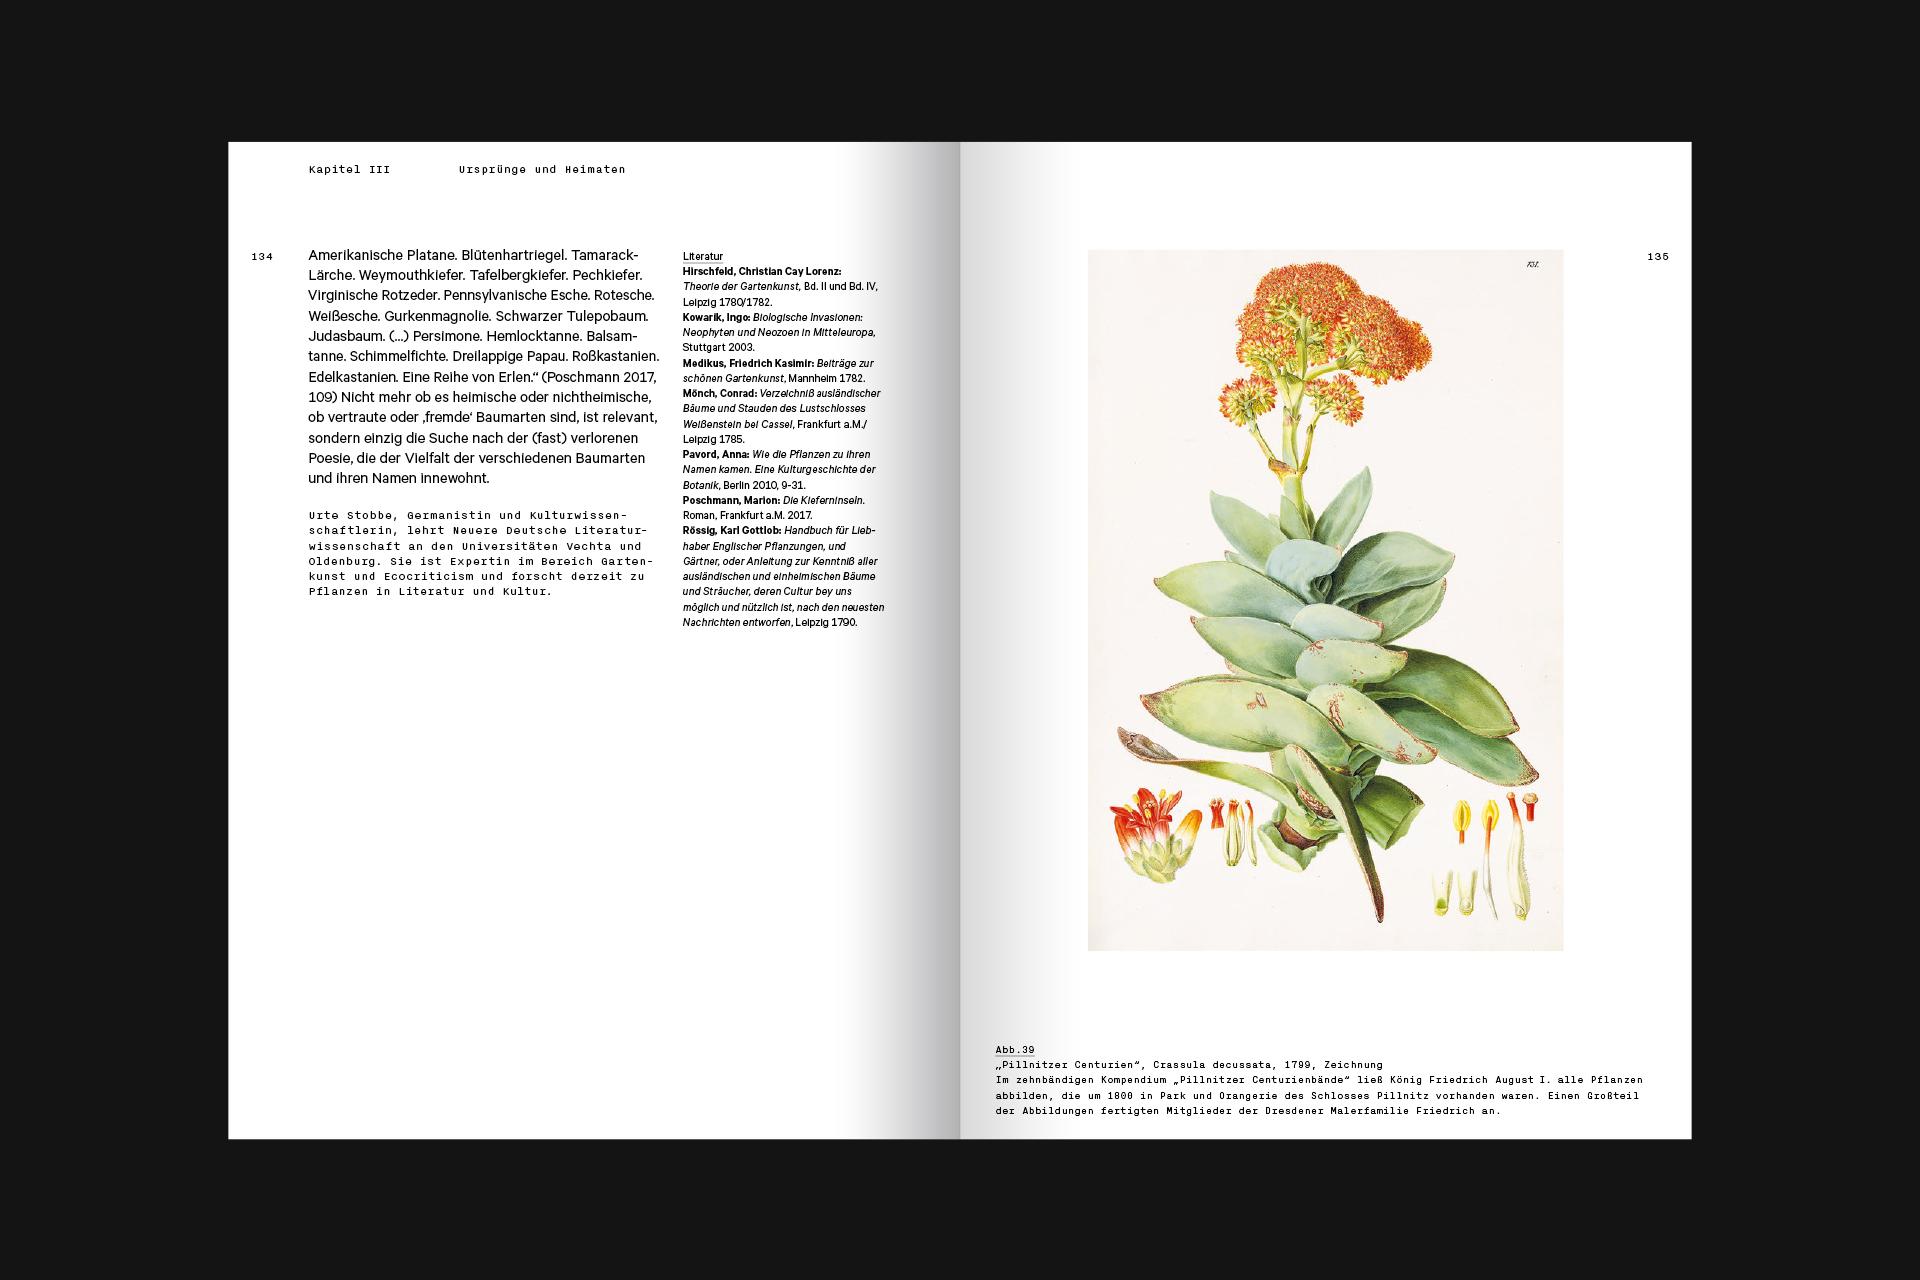 SSW_DHMD_Pflanzen_18